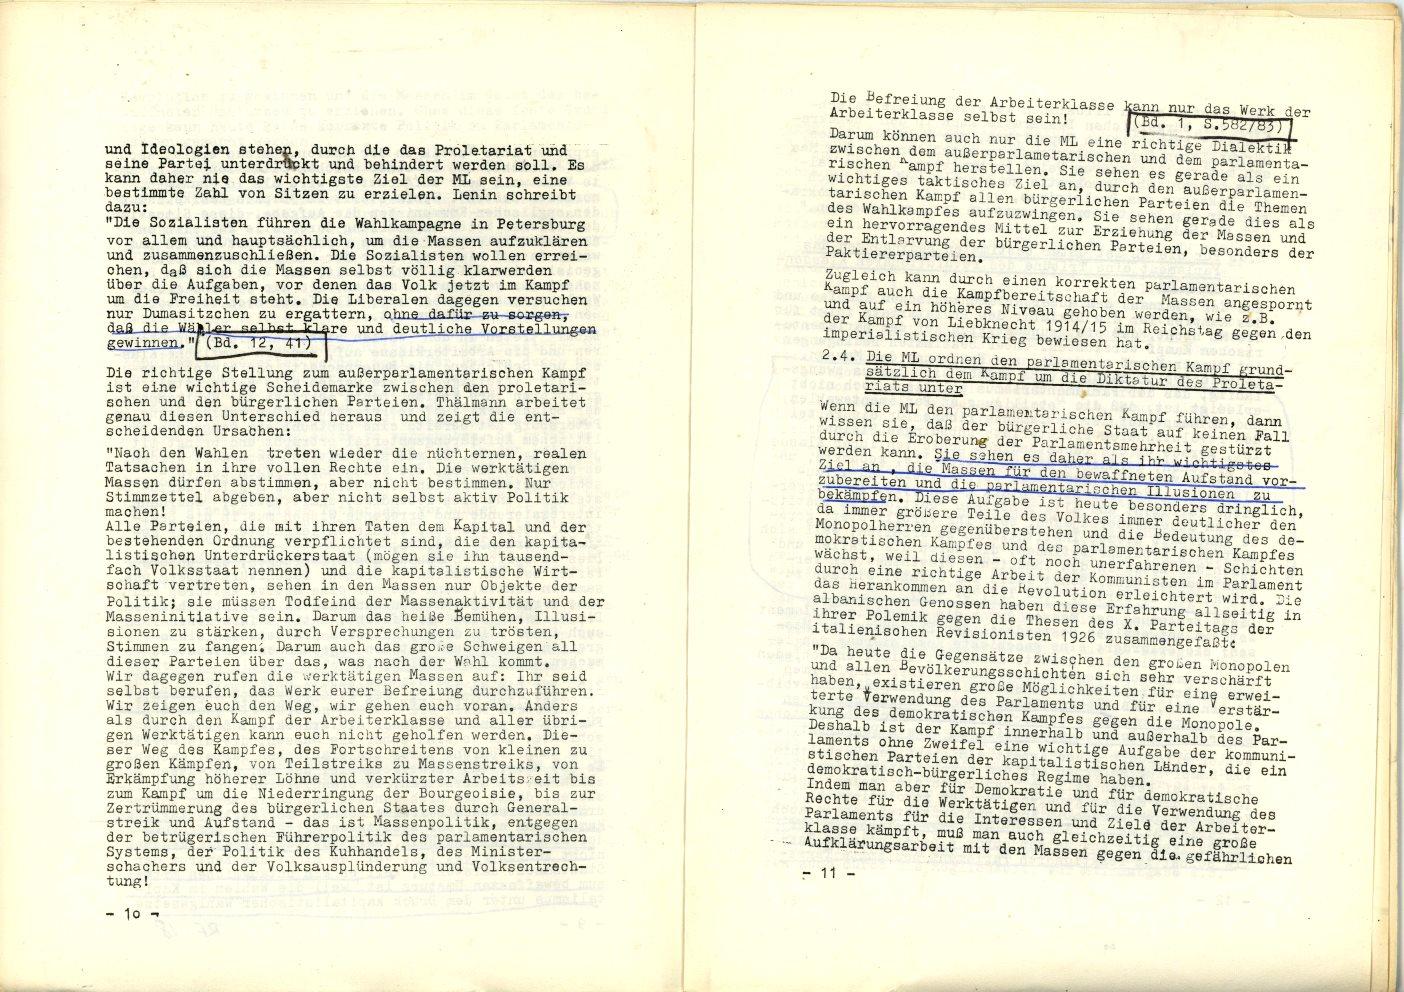 ZB_Rahmenplan_19720804_07